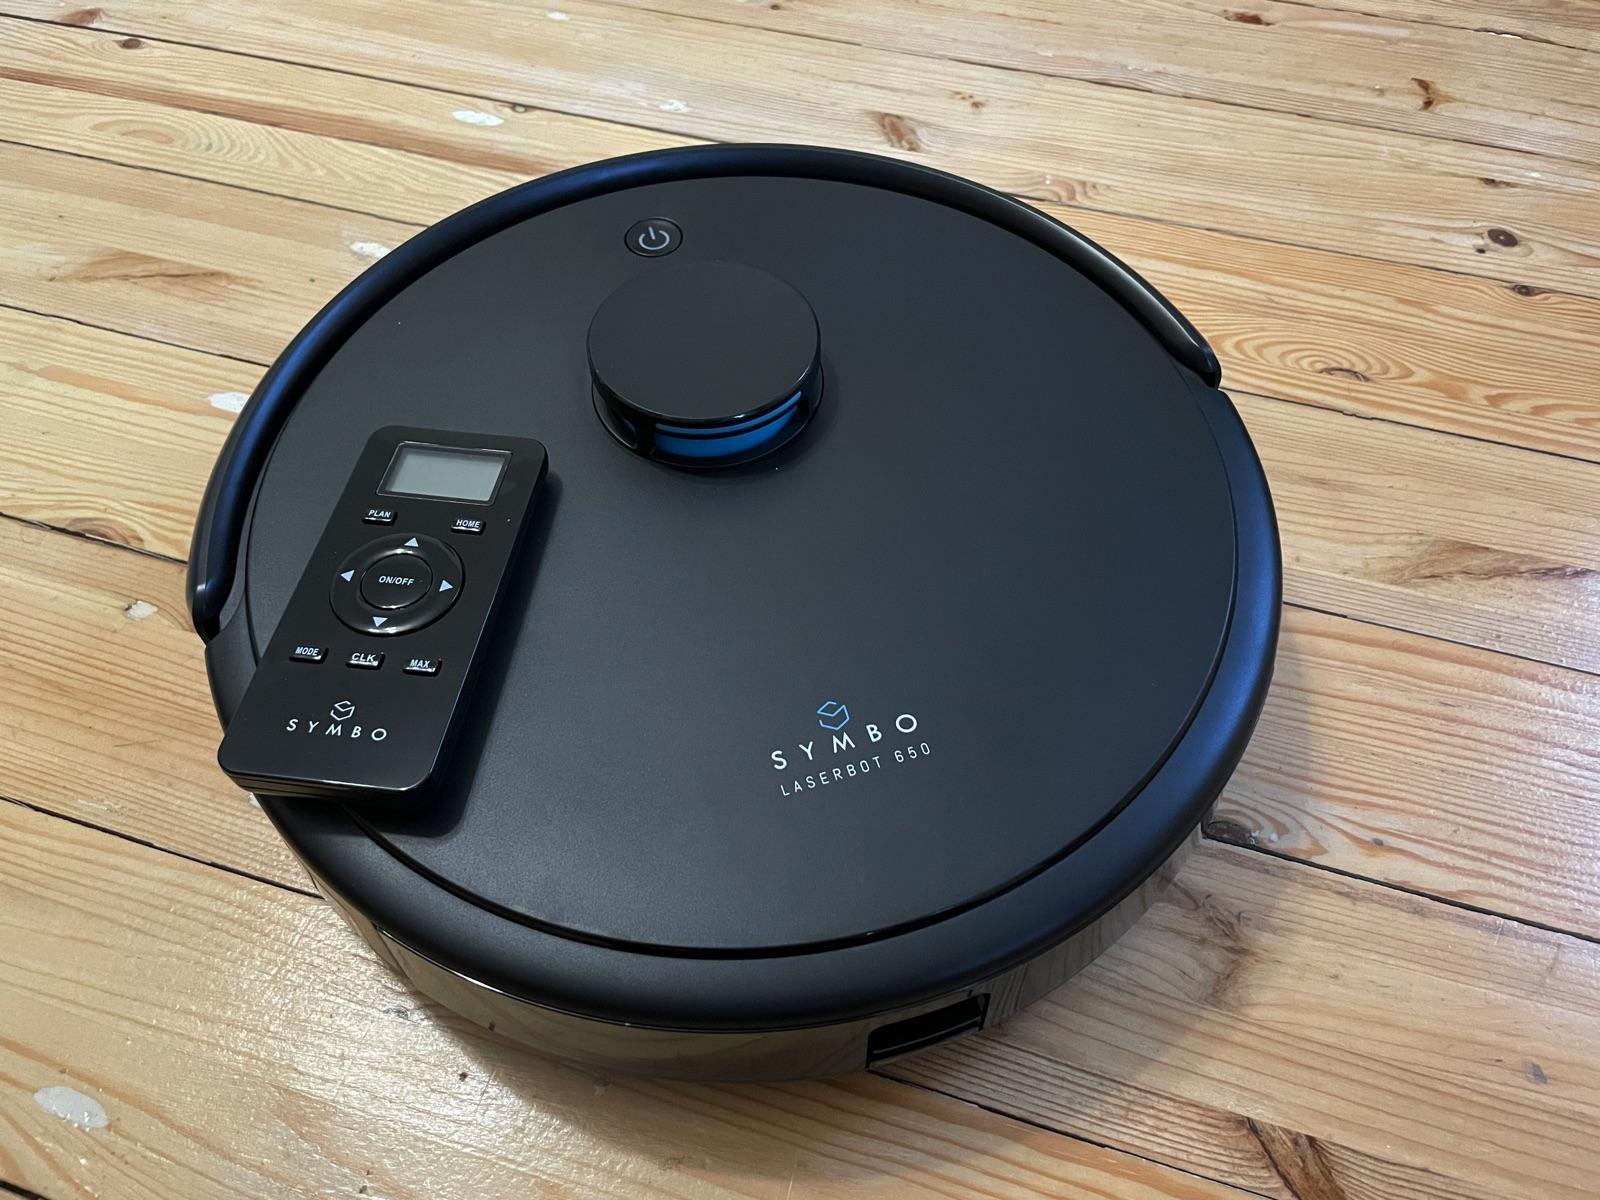 Symbo Laserbot 650 telecomandă